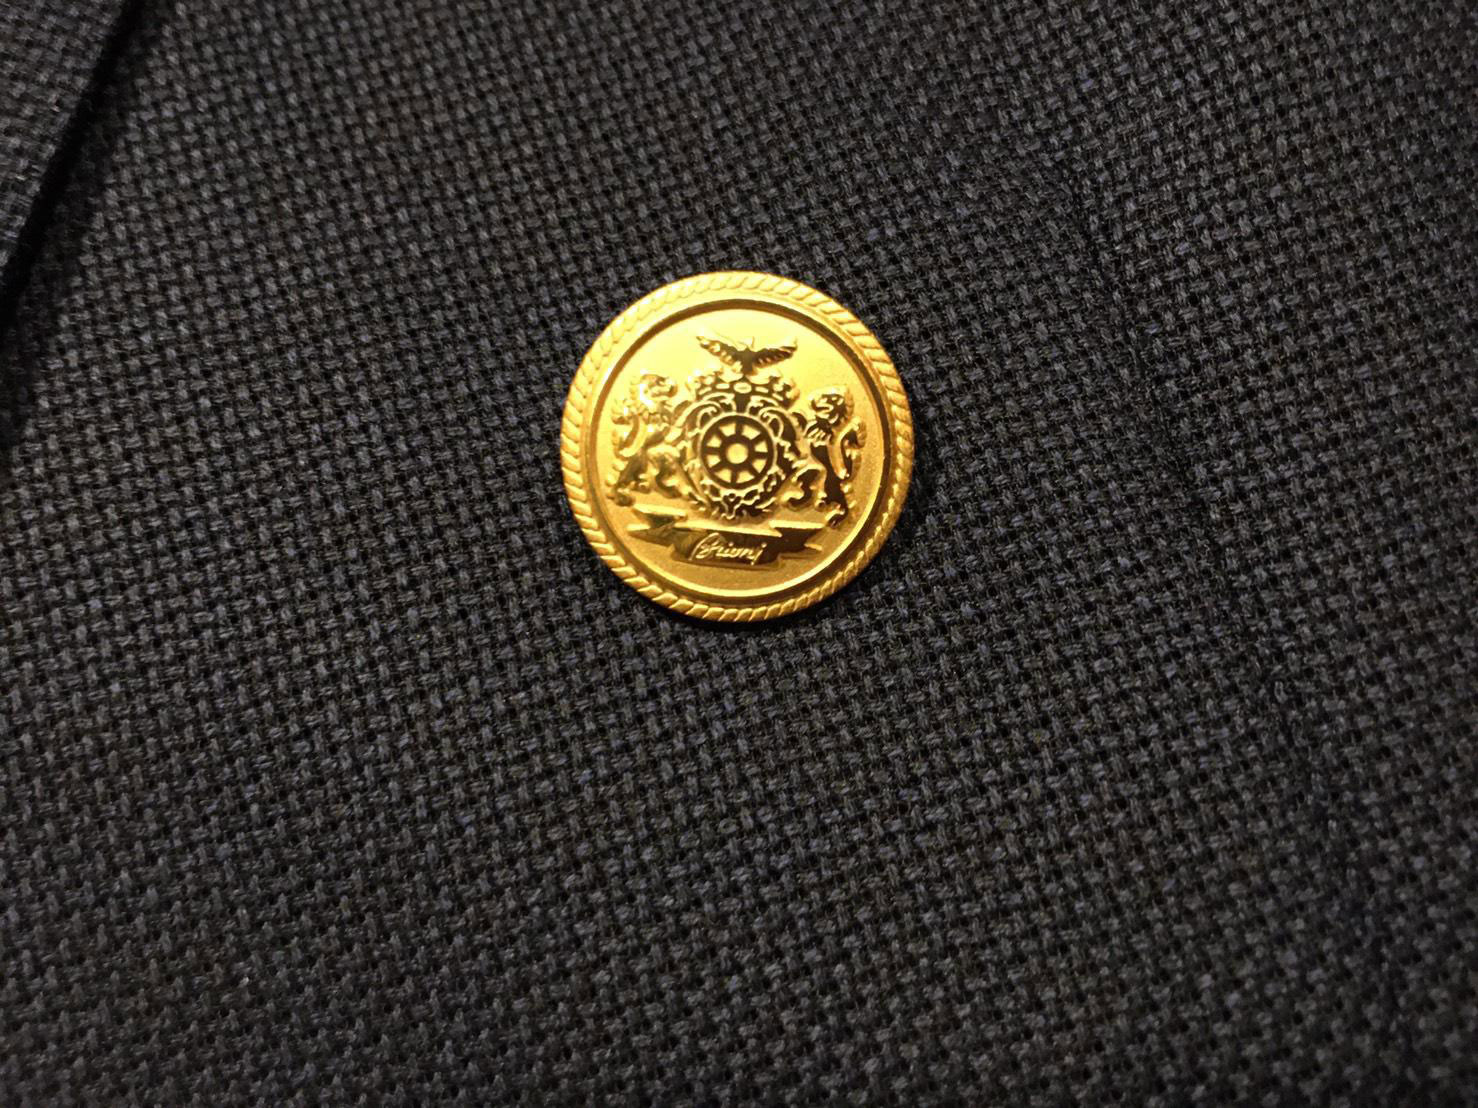 James Bond Blazer Brioni Shanked button